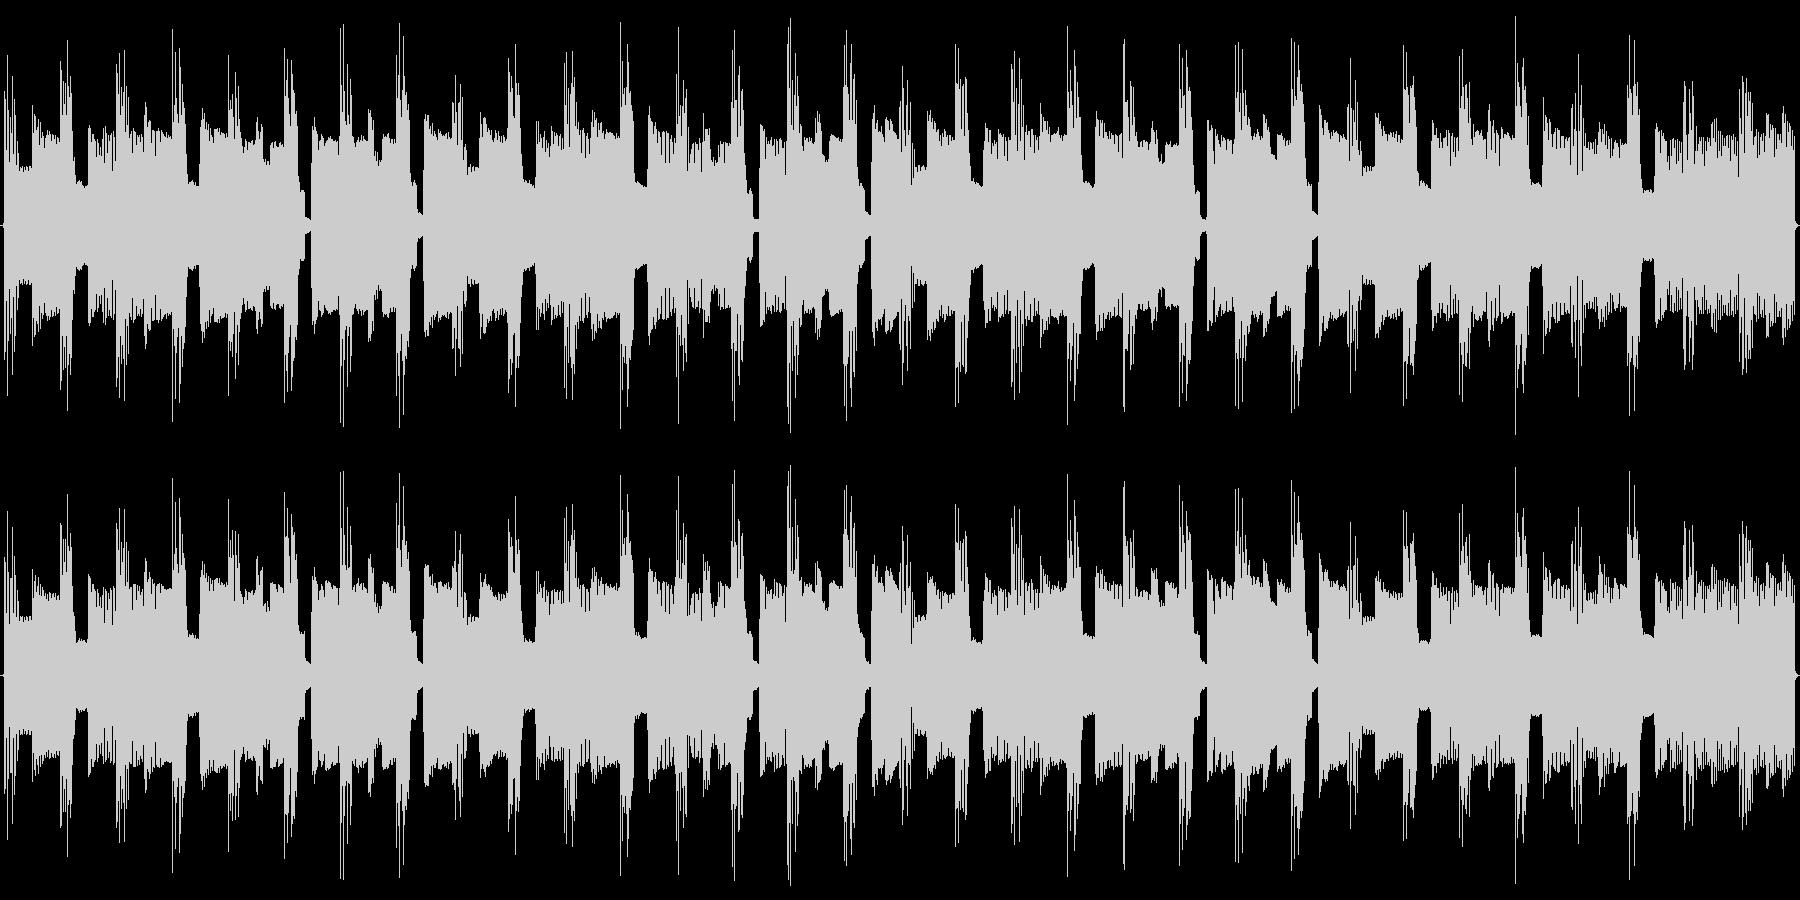 チップチューンの痛快な短いループ3の未再生の波形